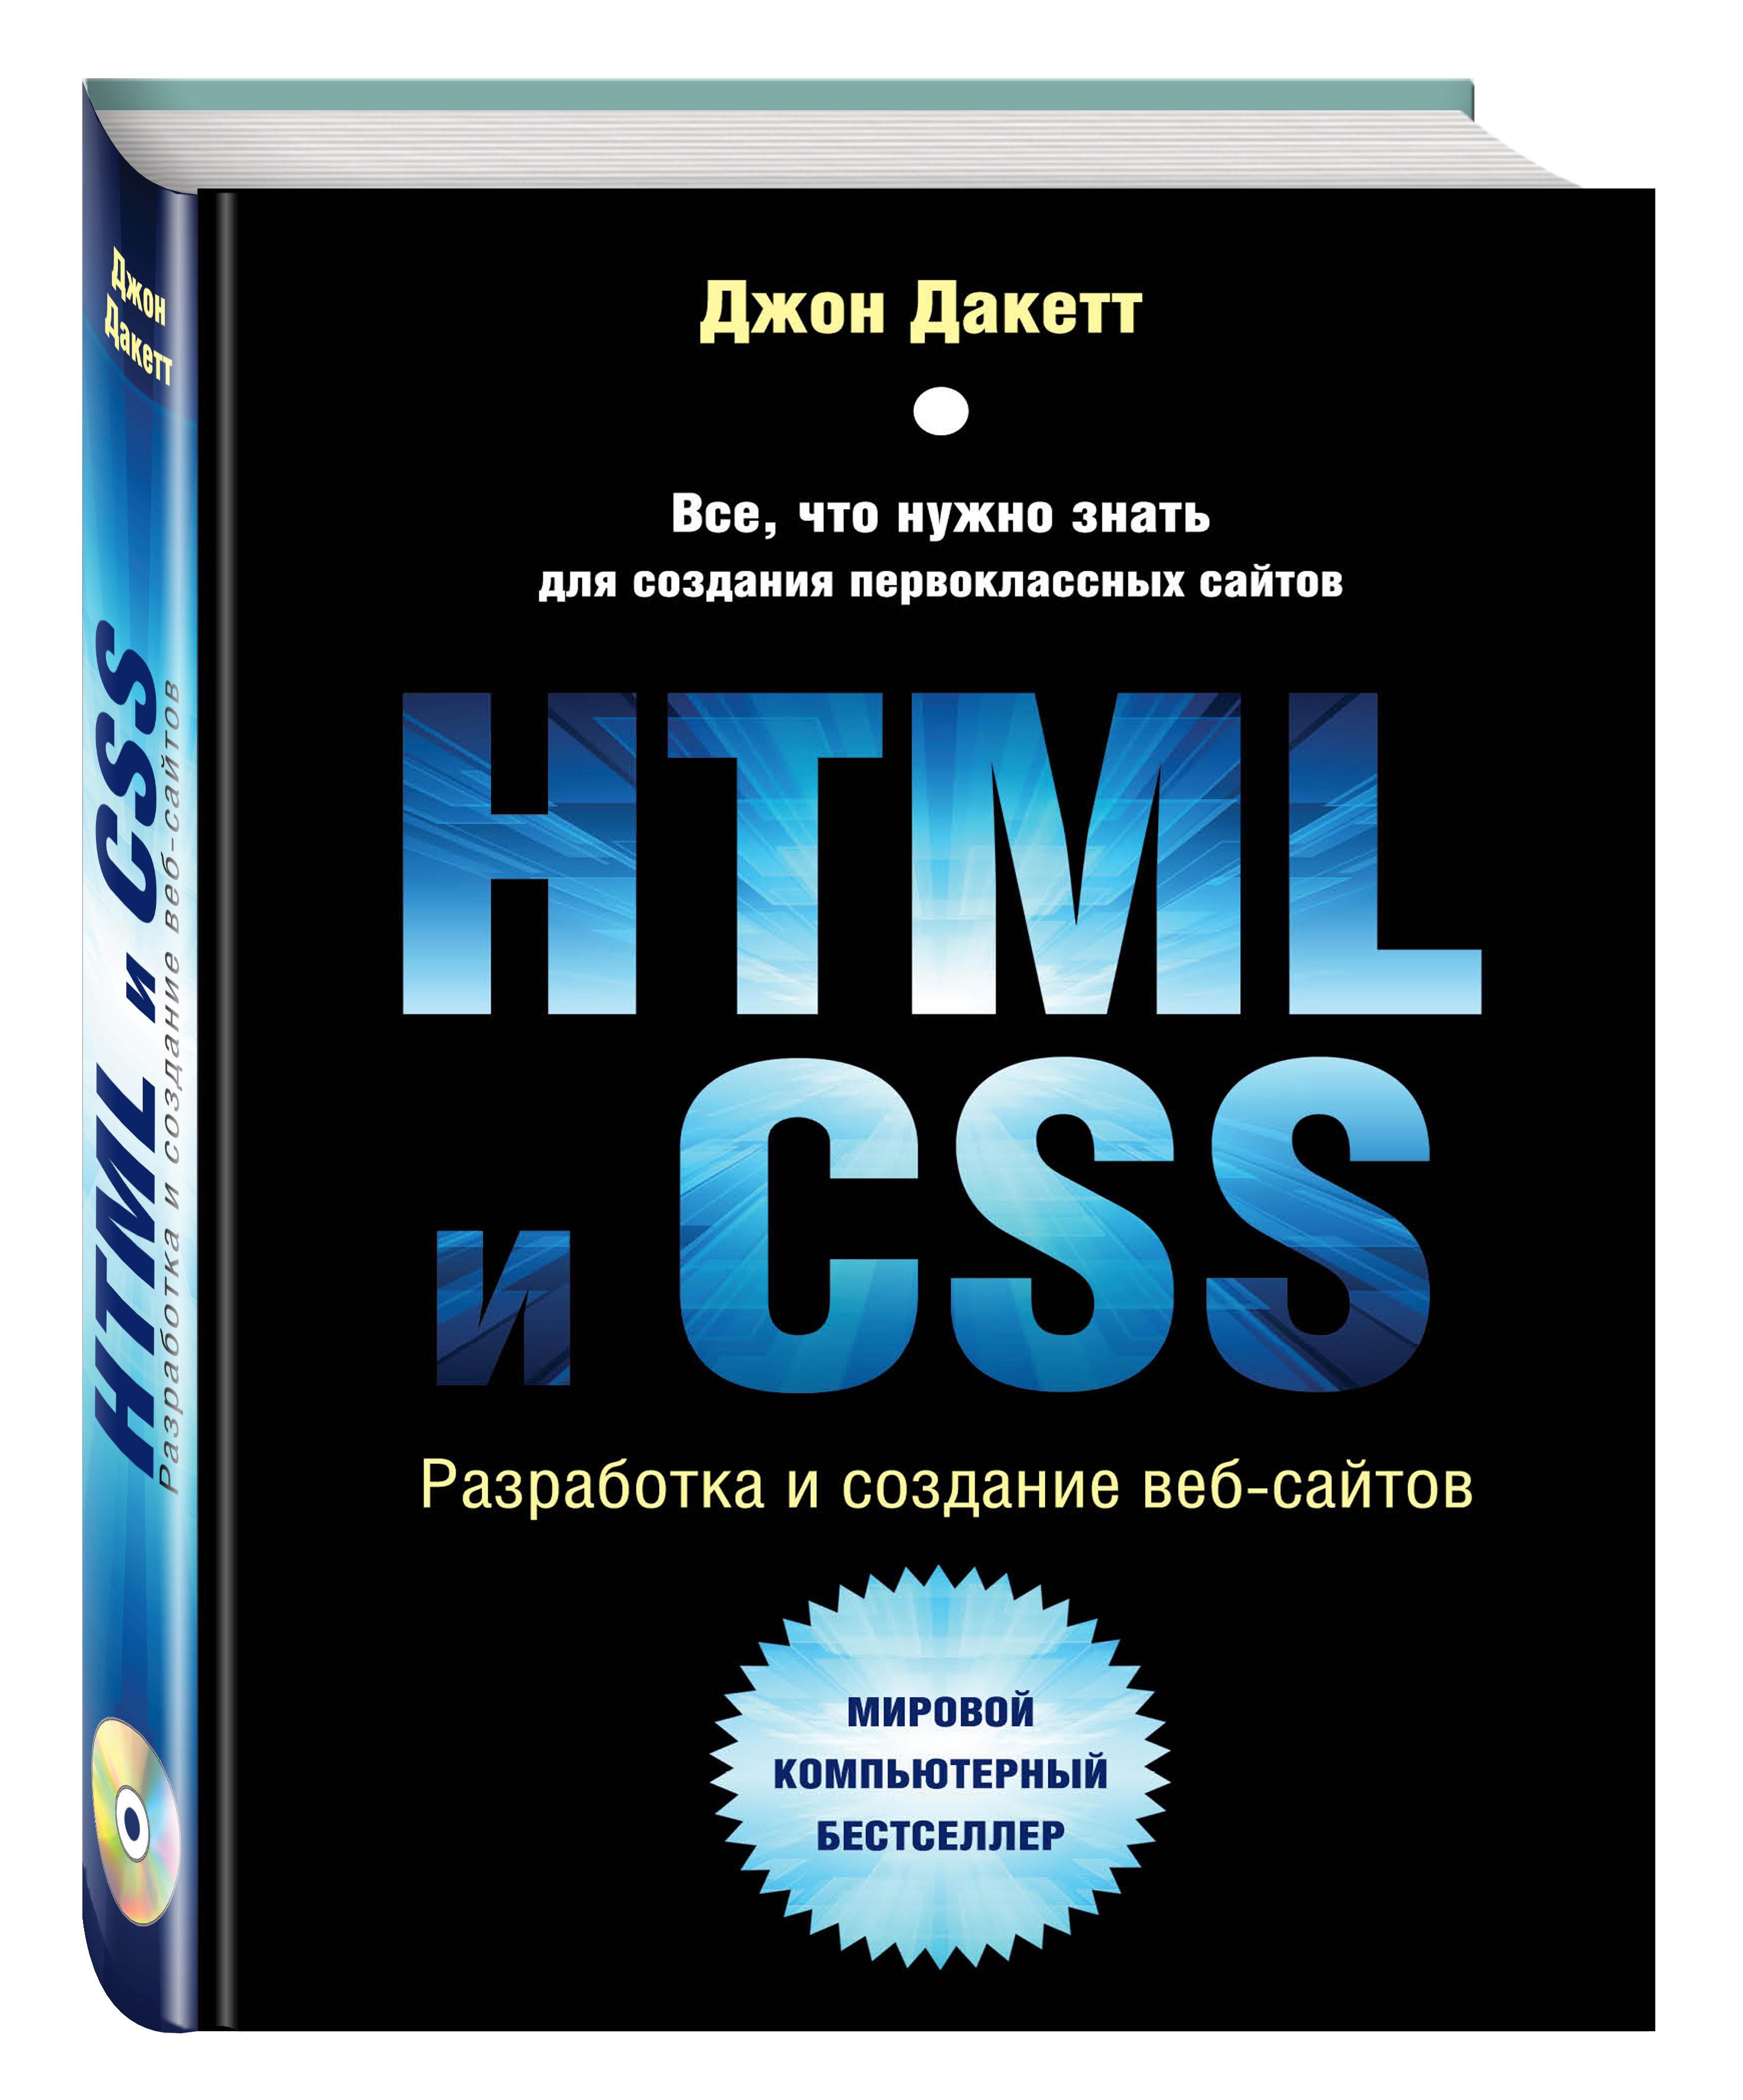 Дакетт Д. HTML и CSS. Разработка и дизайн веб-сайтов (+CD) html и css разработка и дизайн веб сайтов cd